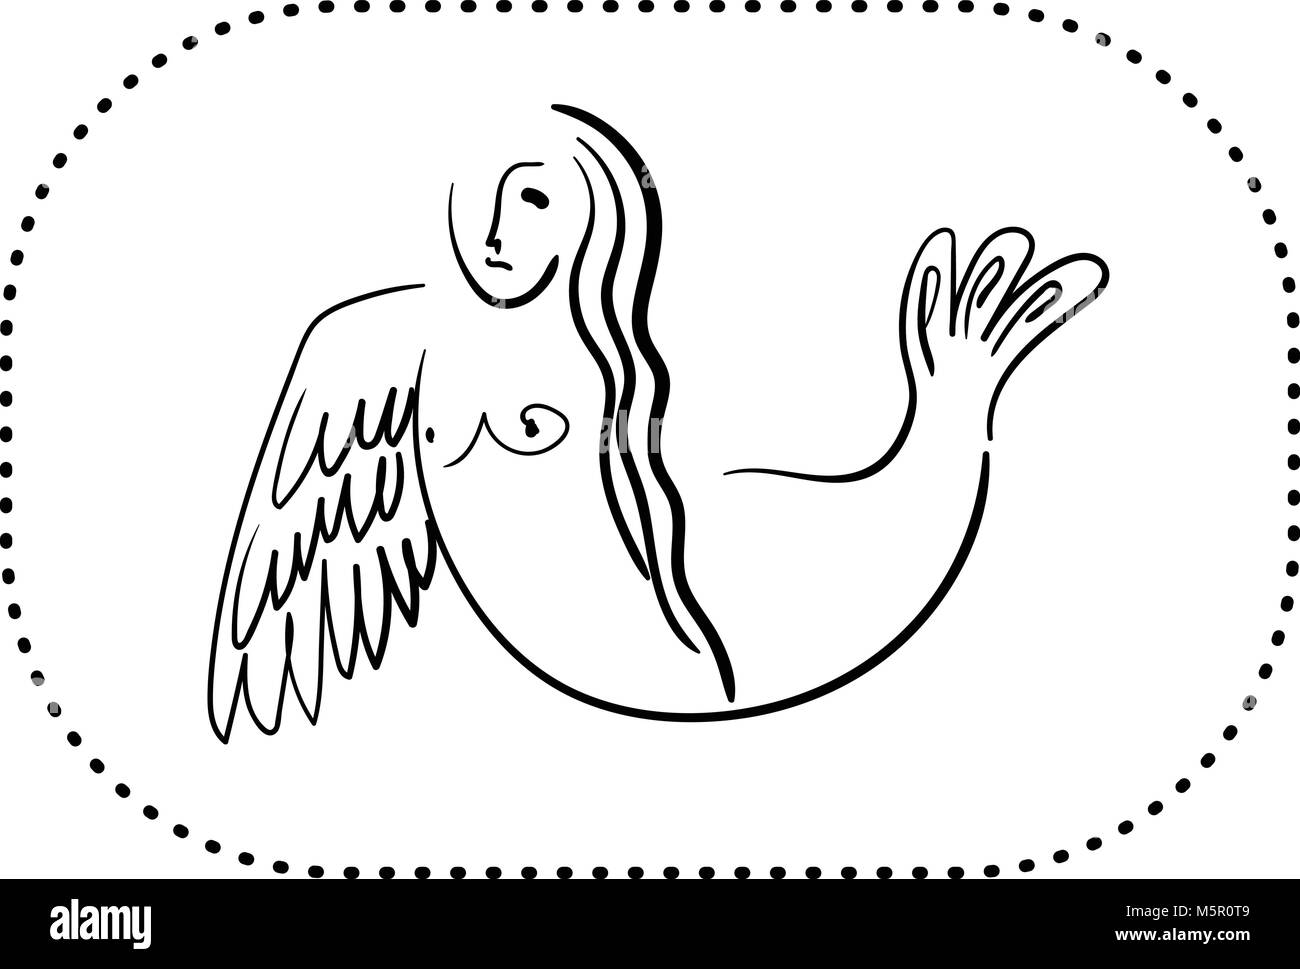 sirin mitológica ave metade metade mulher pássaro contorno em preto